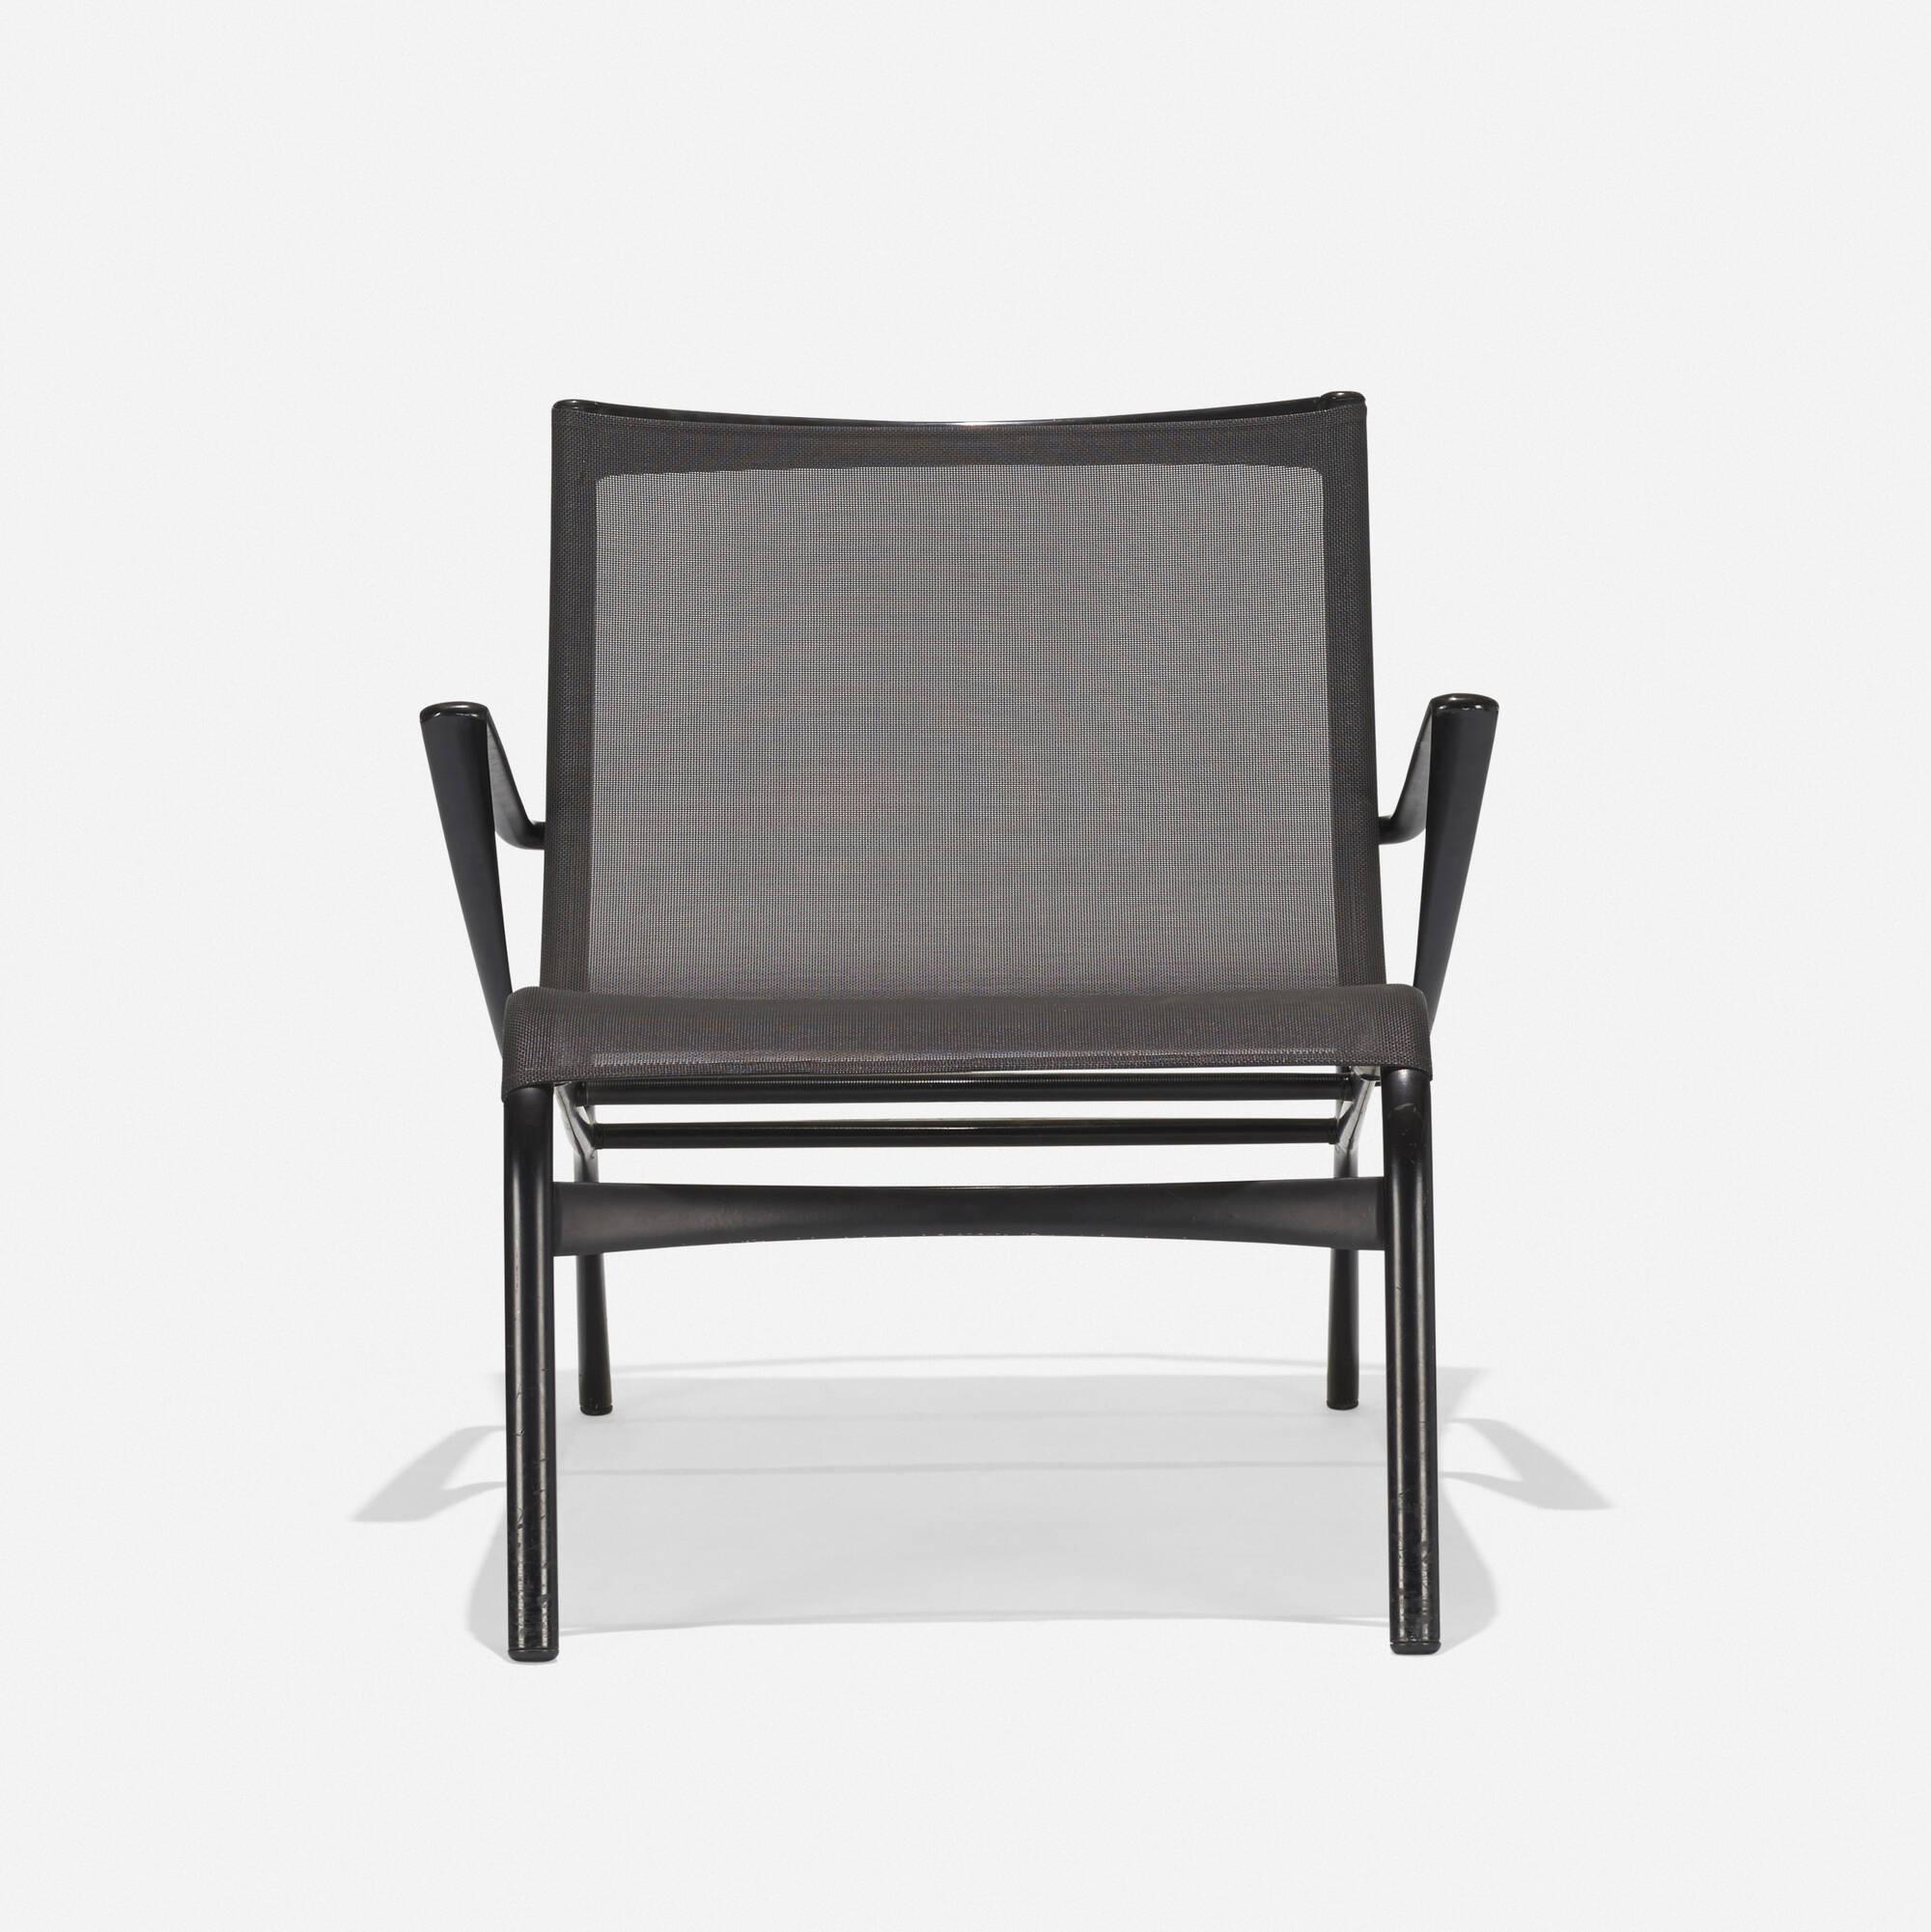 429: Alberto Meda / Armframe chair, model 438 (2 of 4)